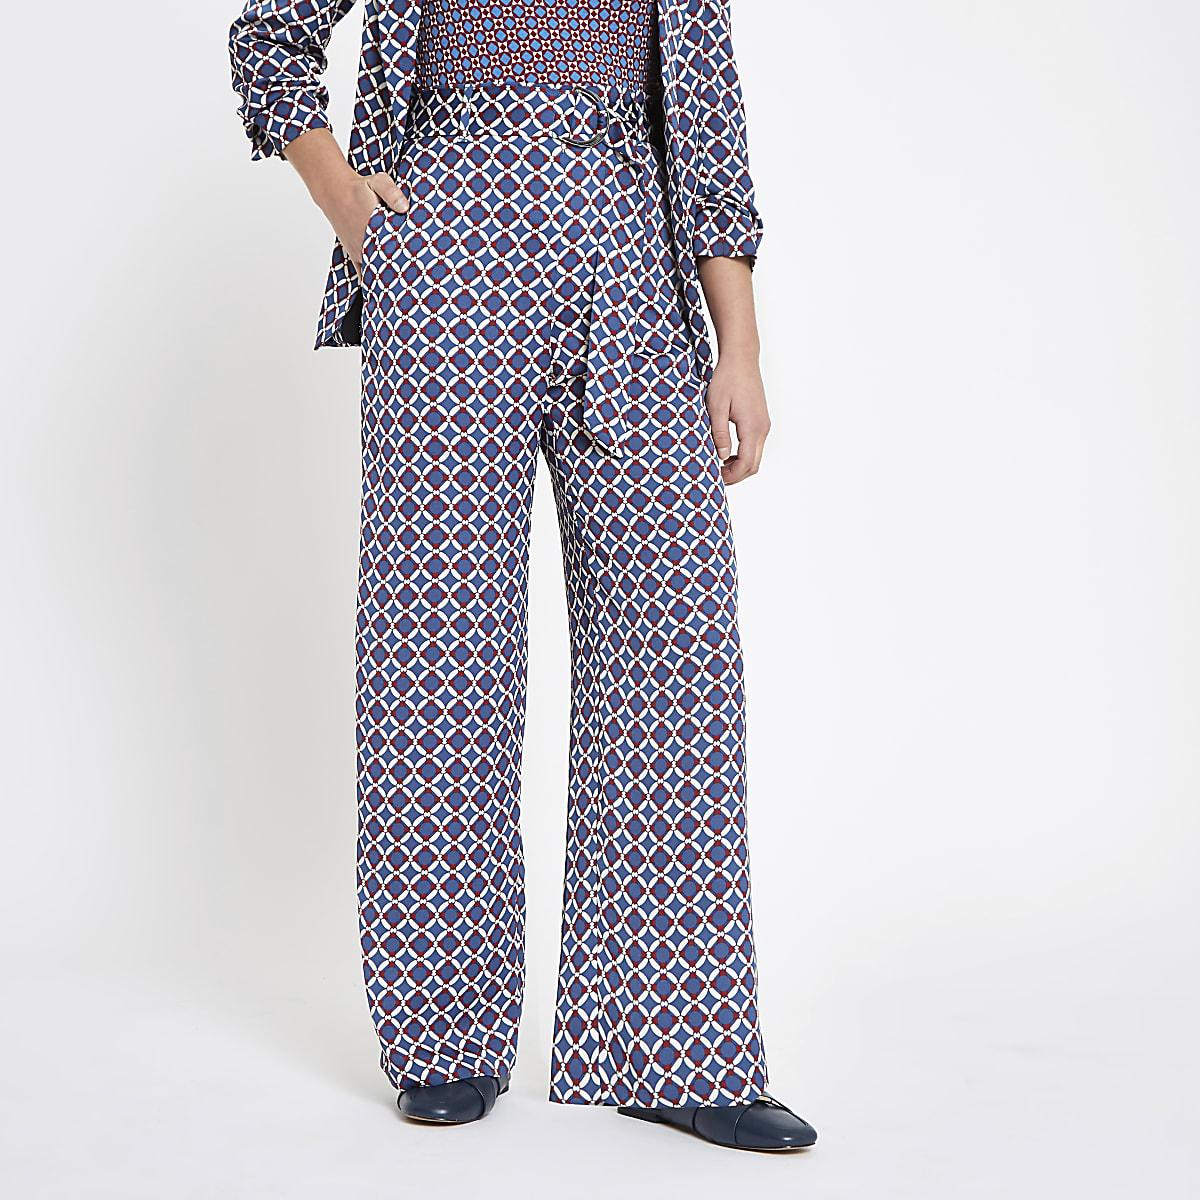 Petite – Pantalon large imprimé géométrique bleu